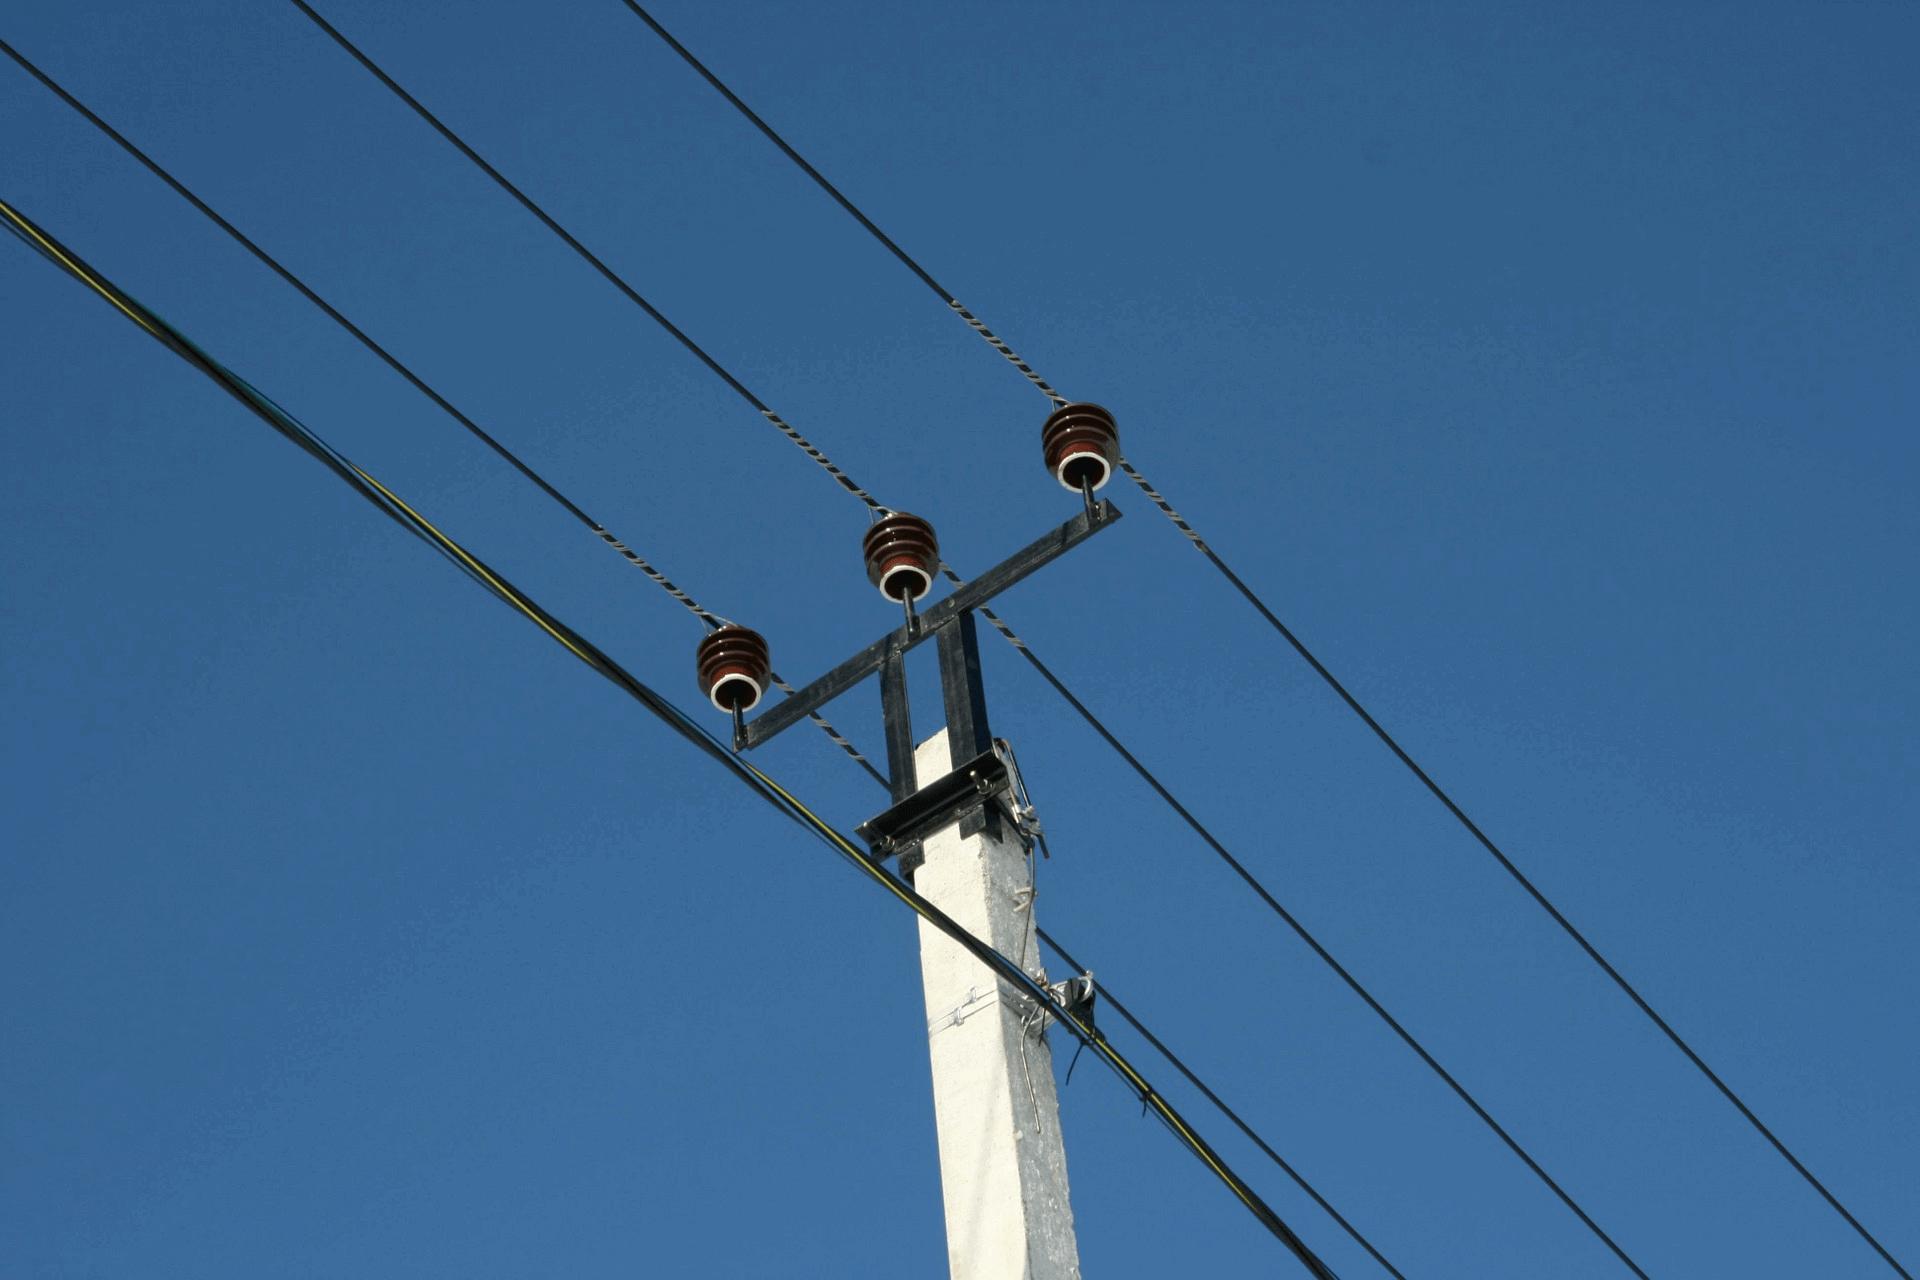 В Забайкалье электрика ударило током напряжением в 27 тыс. вольт. Он выжил.